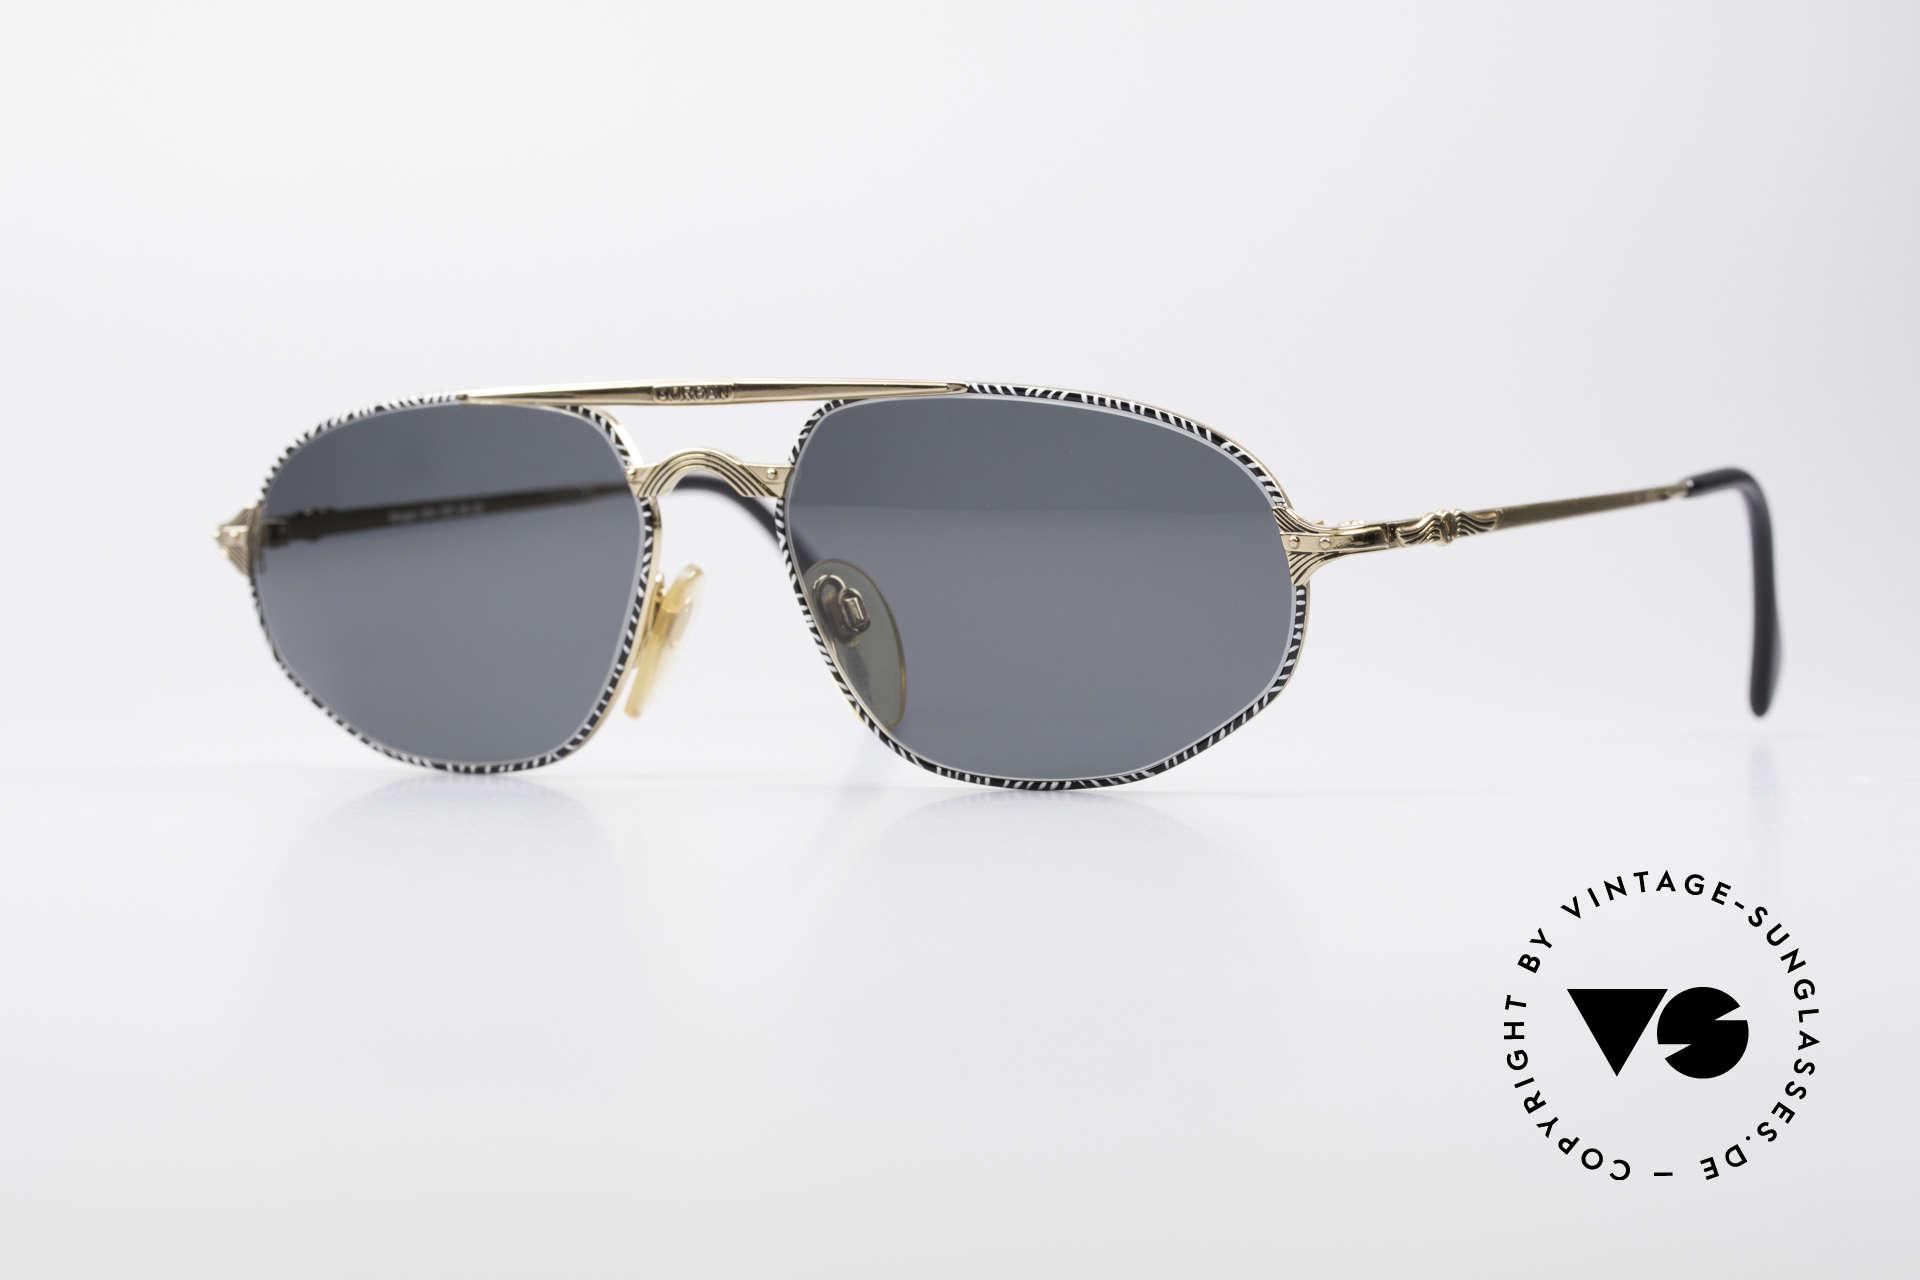 Morgan Motors 804 Oldtimer Sonnenbrille, 80er vintage Sonnenbrille der 'Morgan Motor Company', Passend für Herren